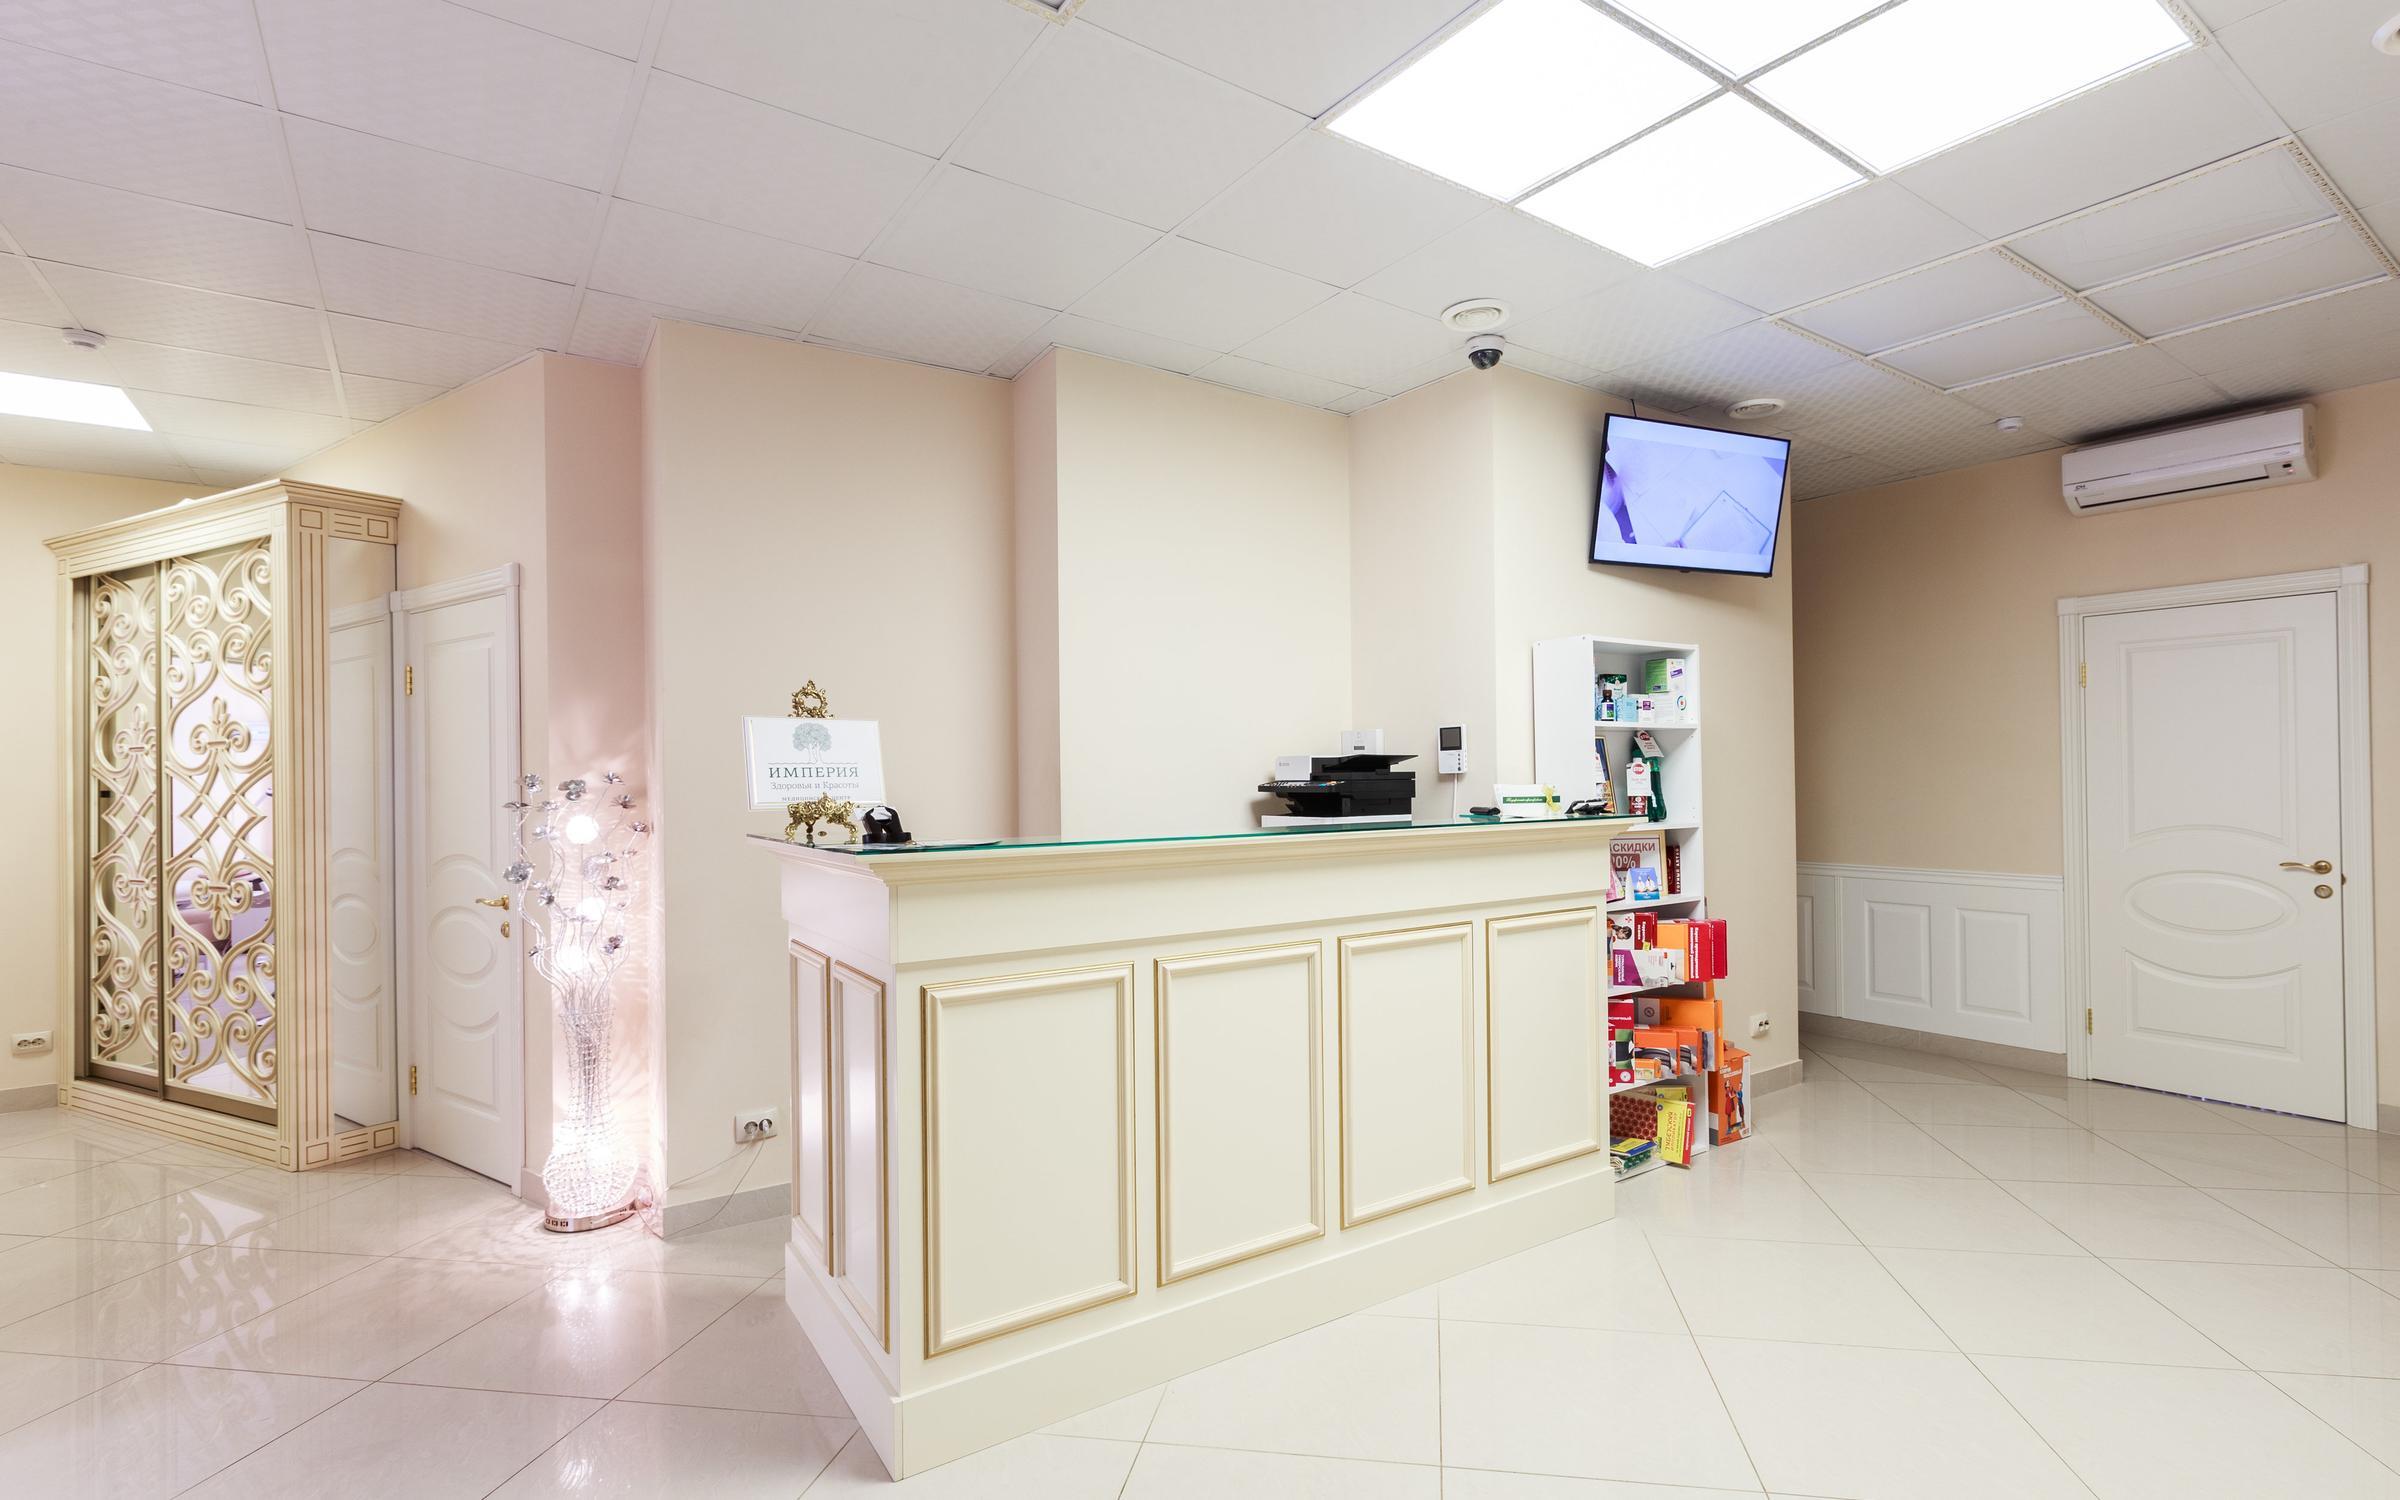 фотография Медицинского центра Империя Здоровья и Красоты в Балашихе